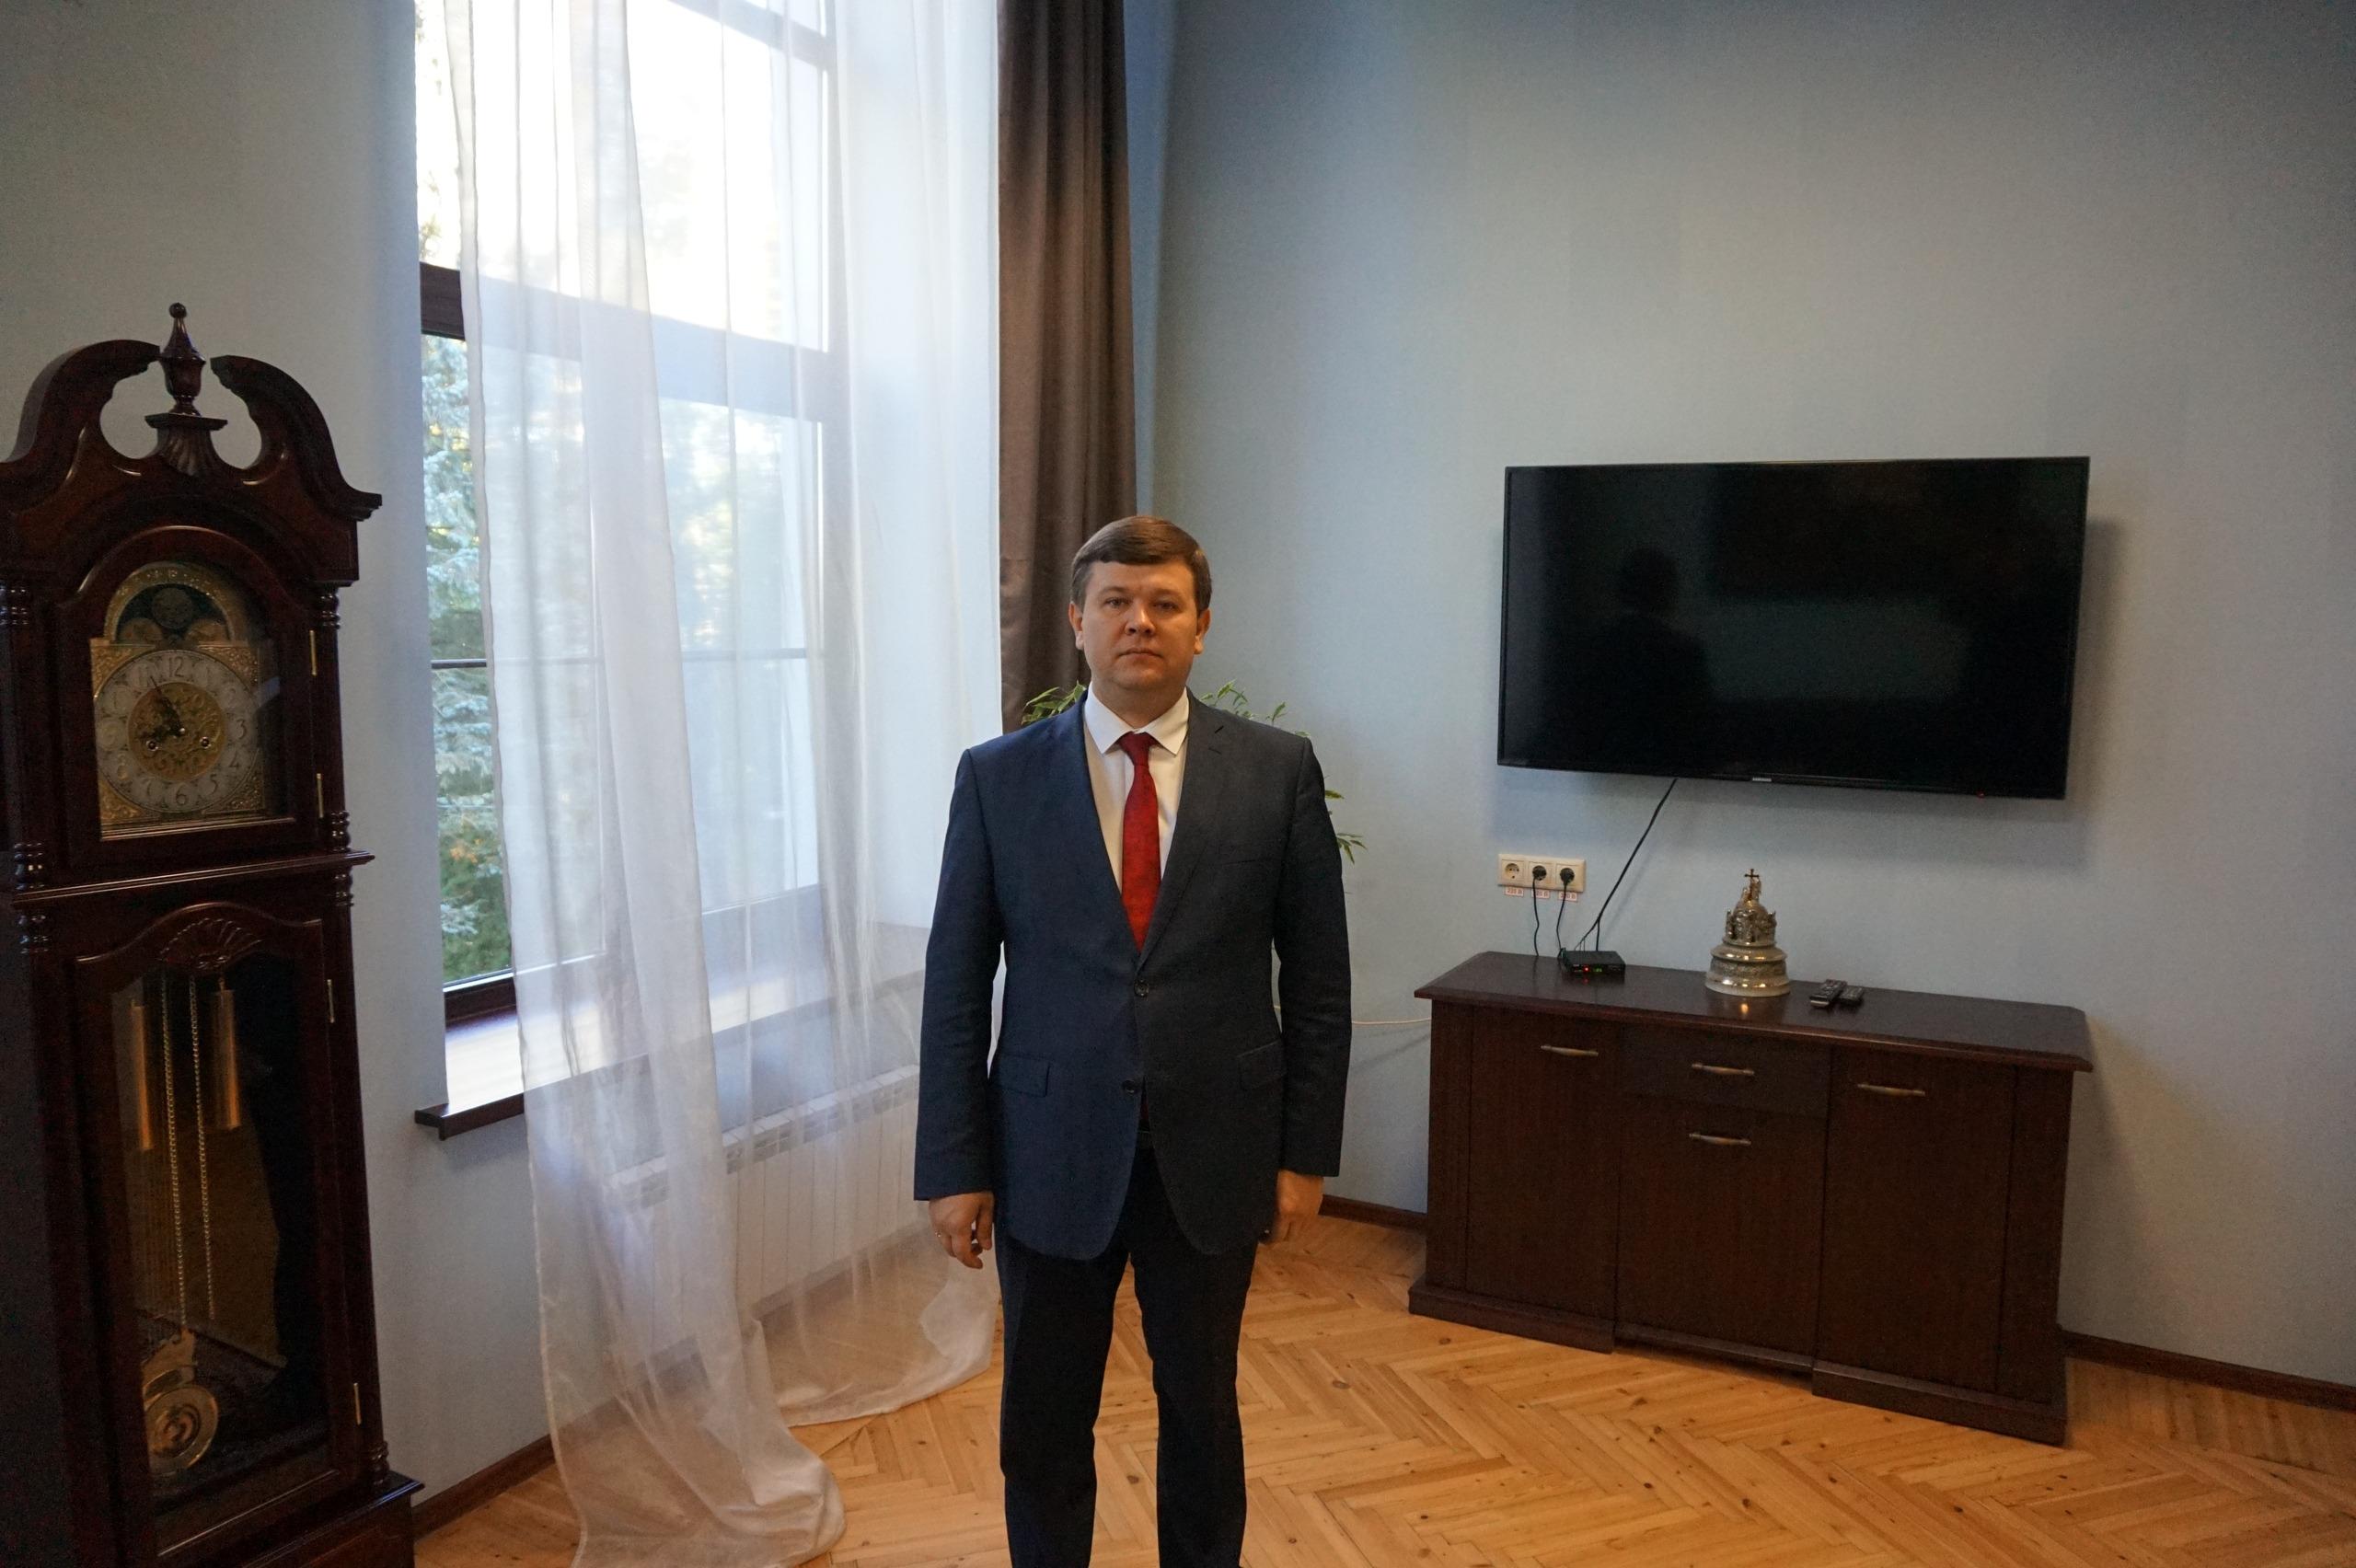 Юрий Боровиков: Задача Новгородского университета – стать ключевым ресурсом развития региона